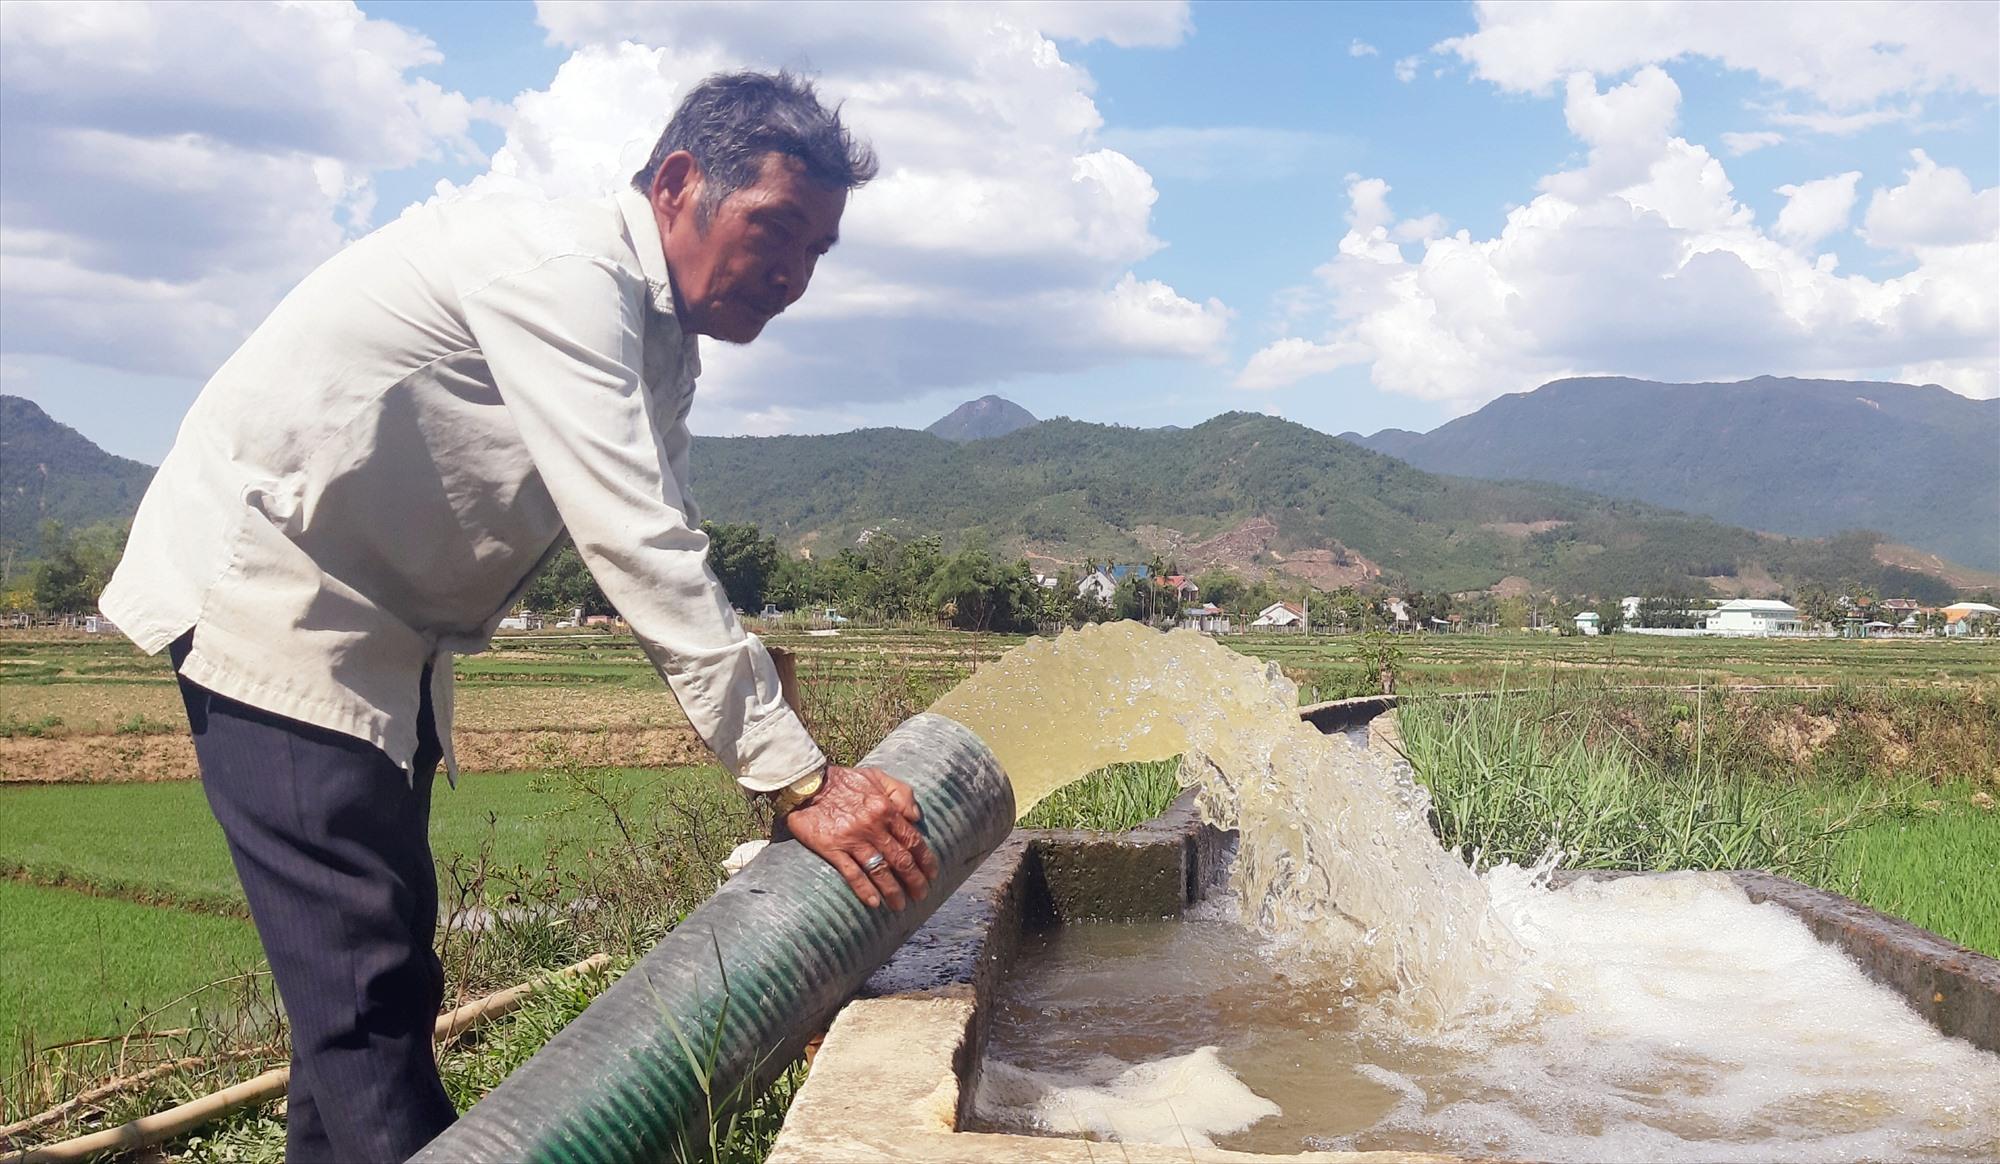 Vụ hè thu 2021 này, toàn tỉnh có gần 7.000ha lúa phải thực hiện các biện pháp chống hạn. Ảnh: S.A